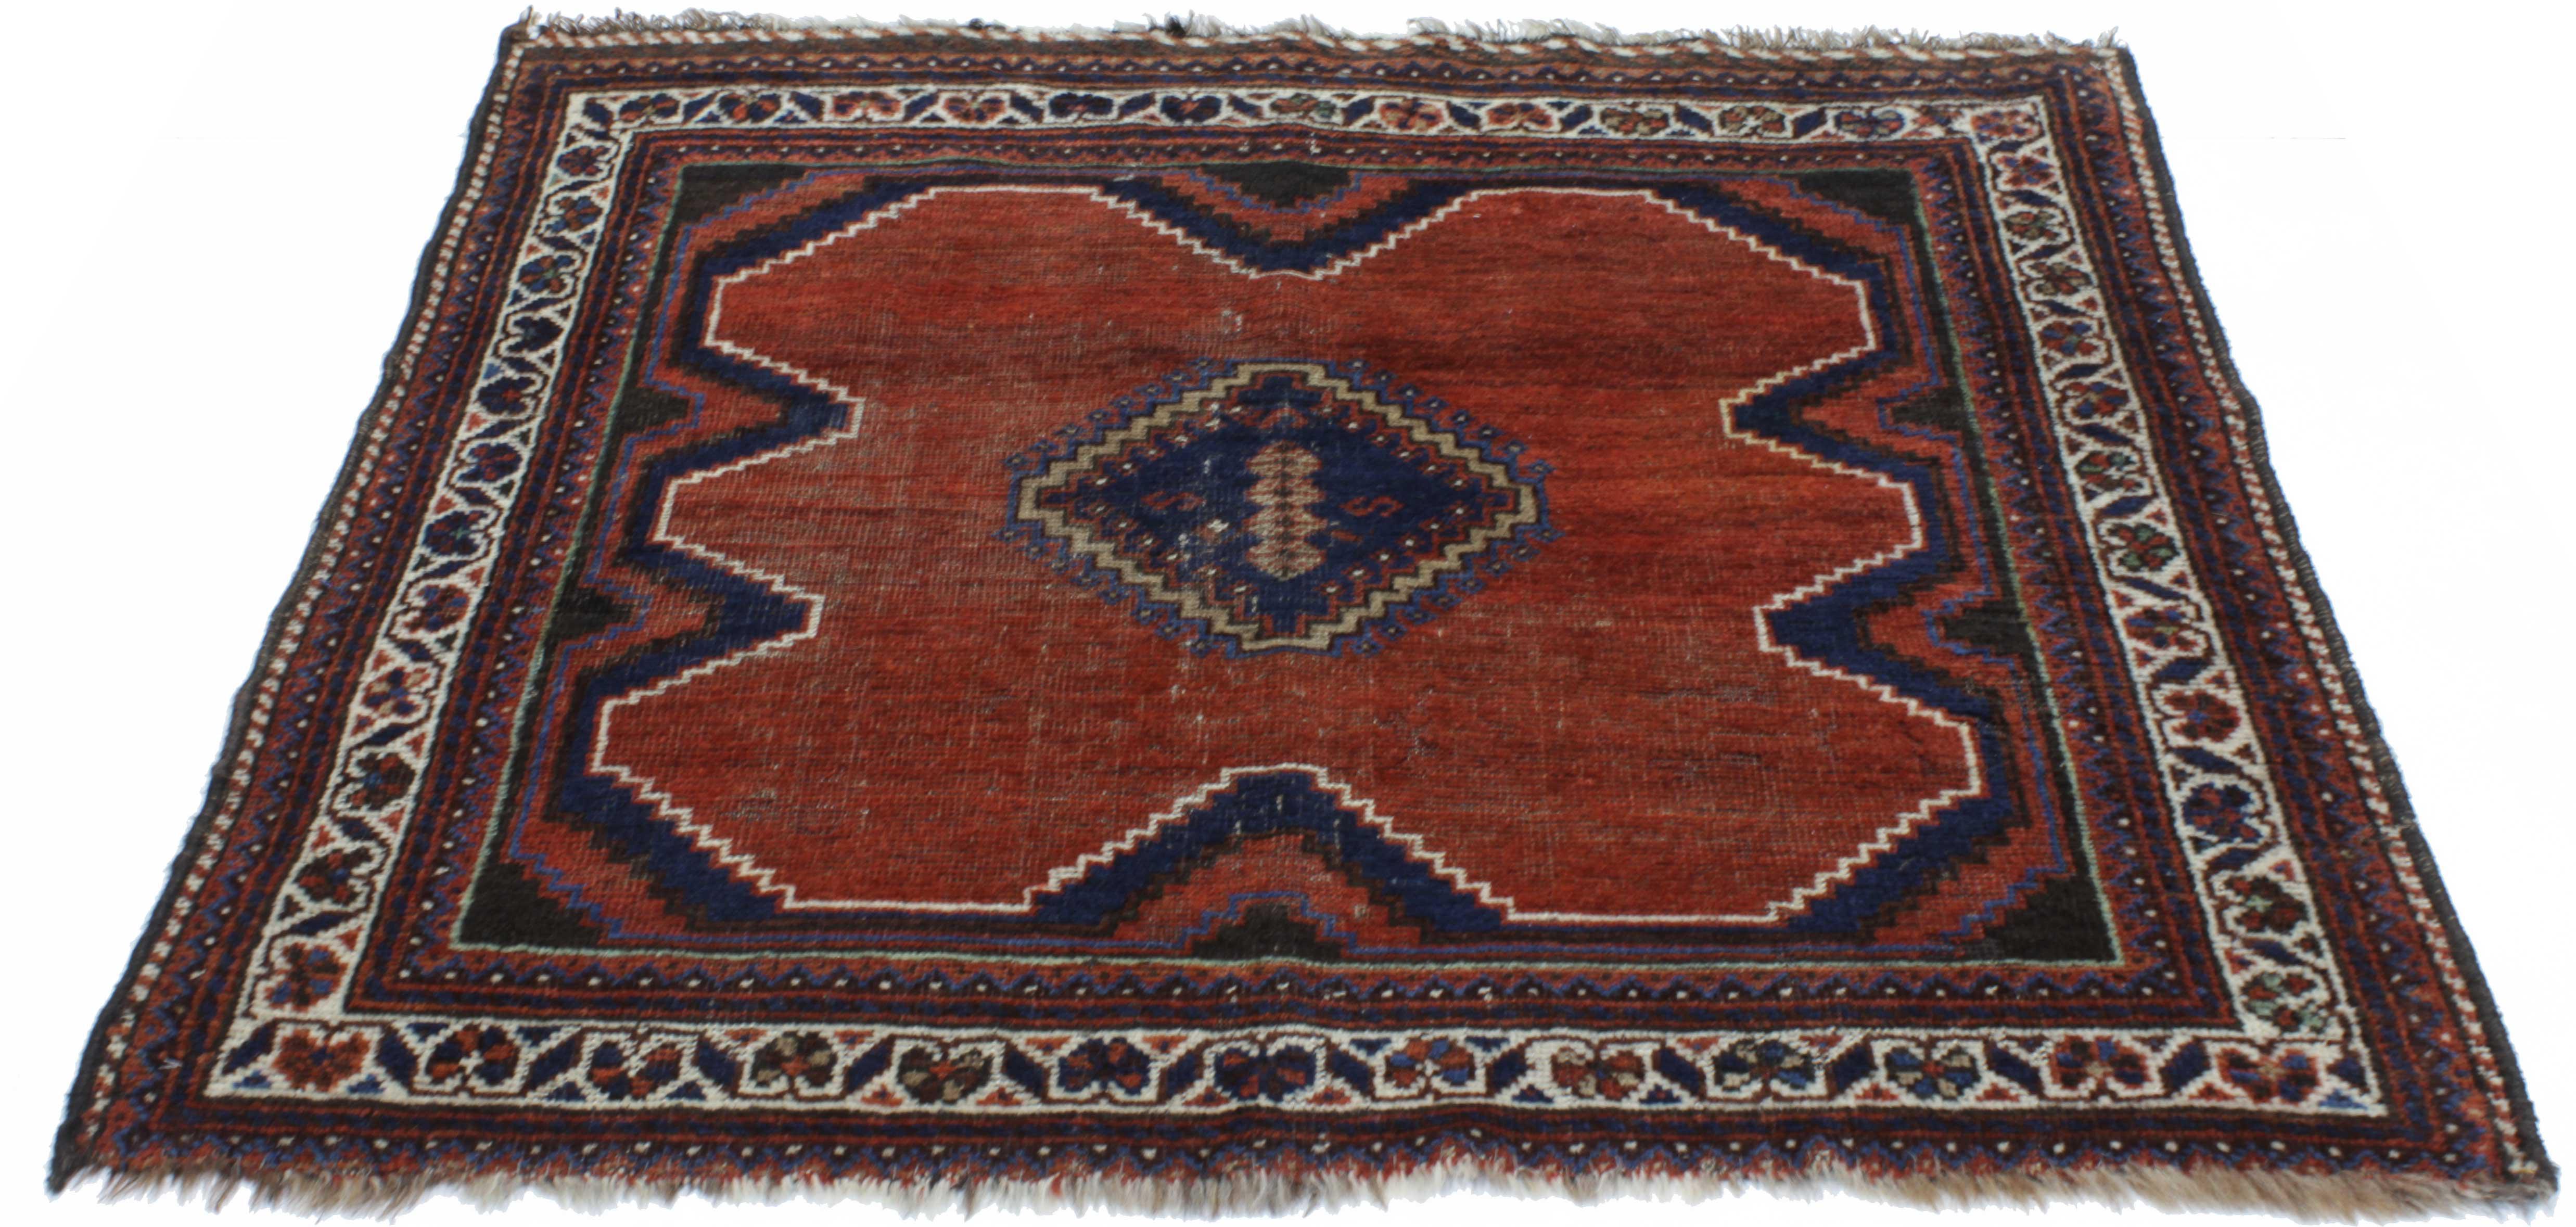 Vintage Mid Century Kurdish Persian Hand Knotted Wool Rug 3 9 4